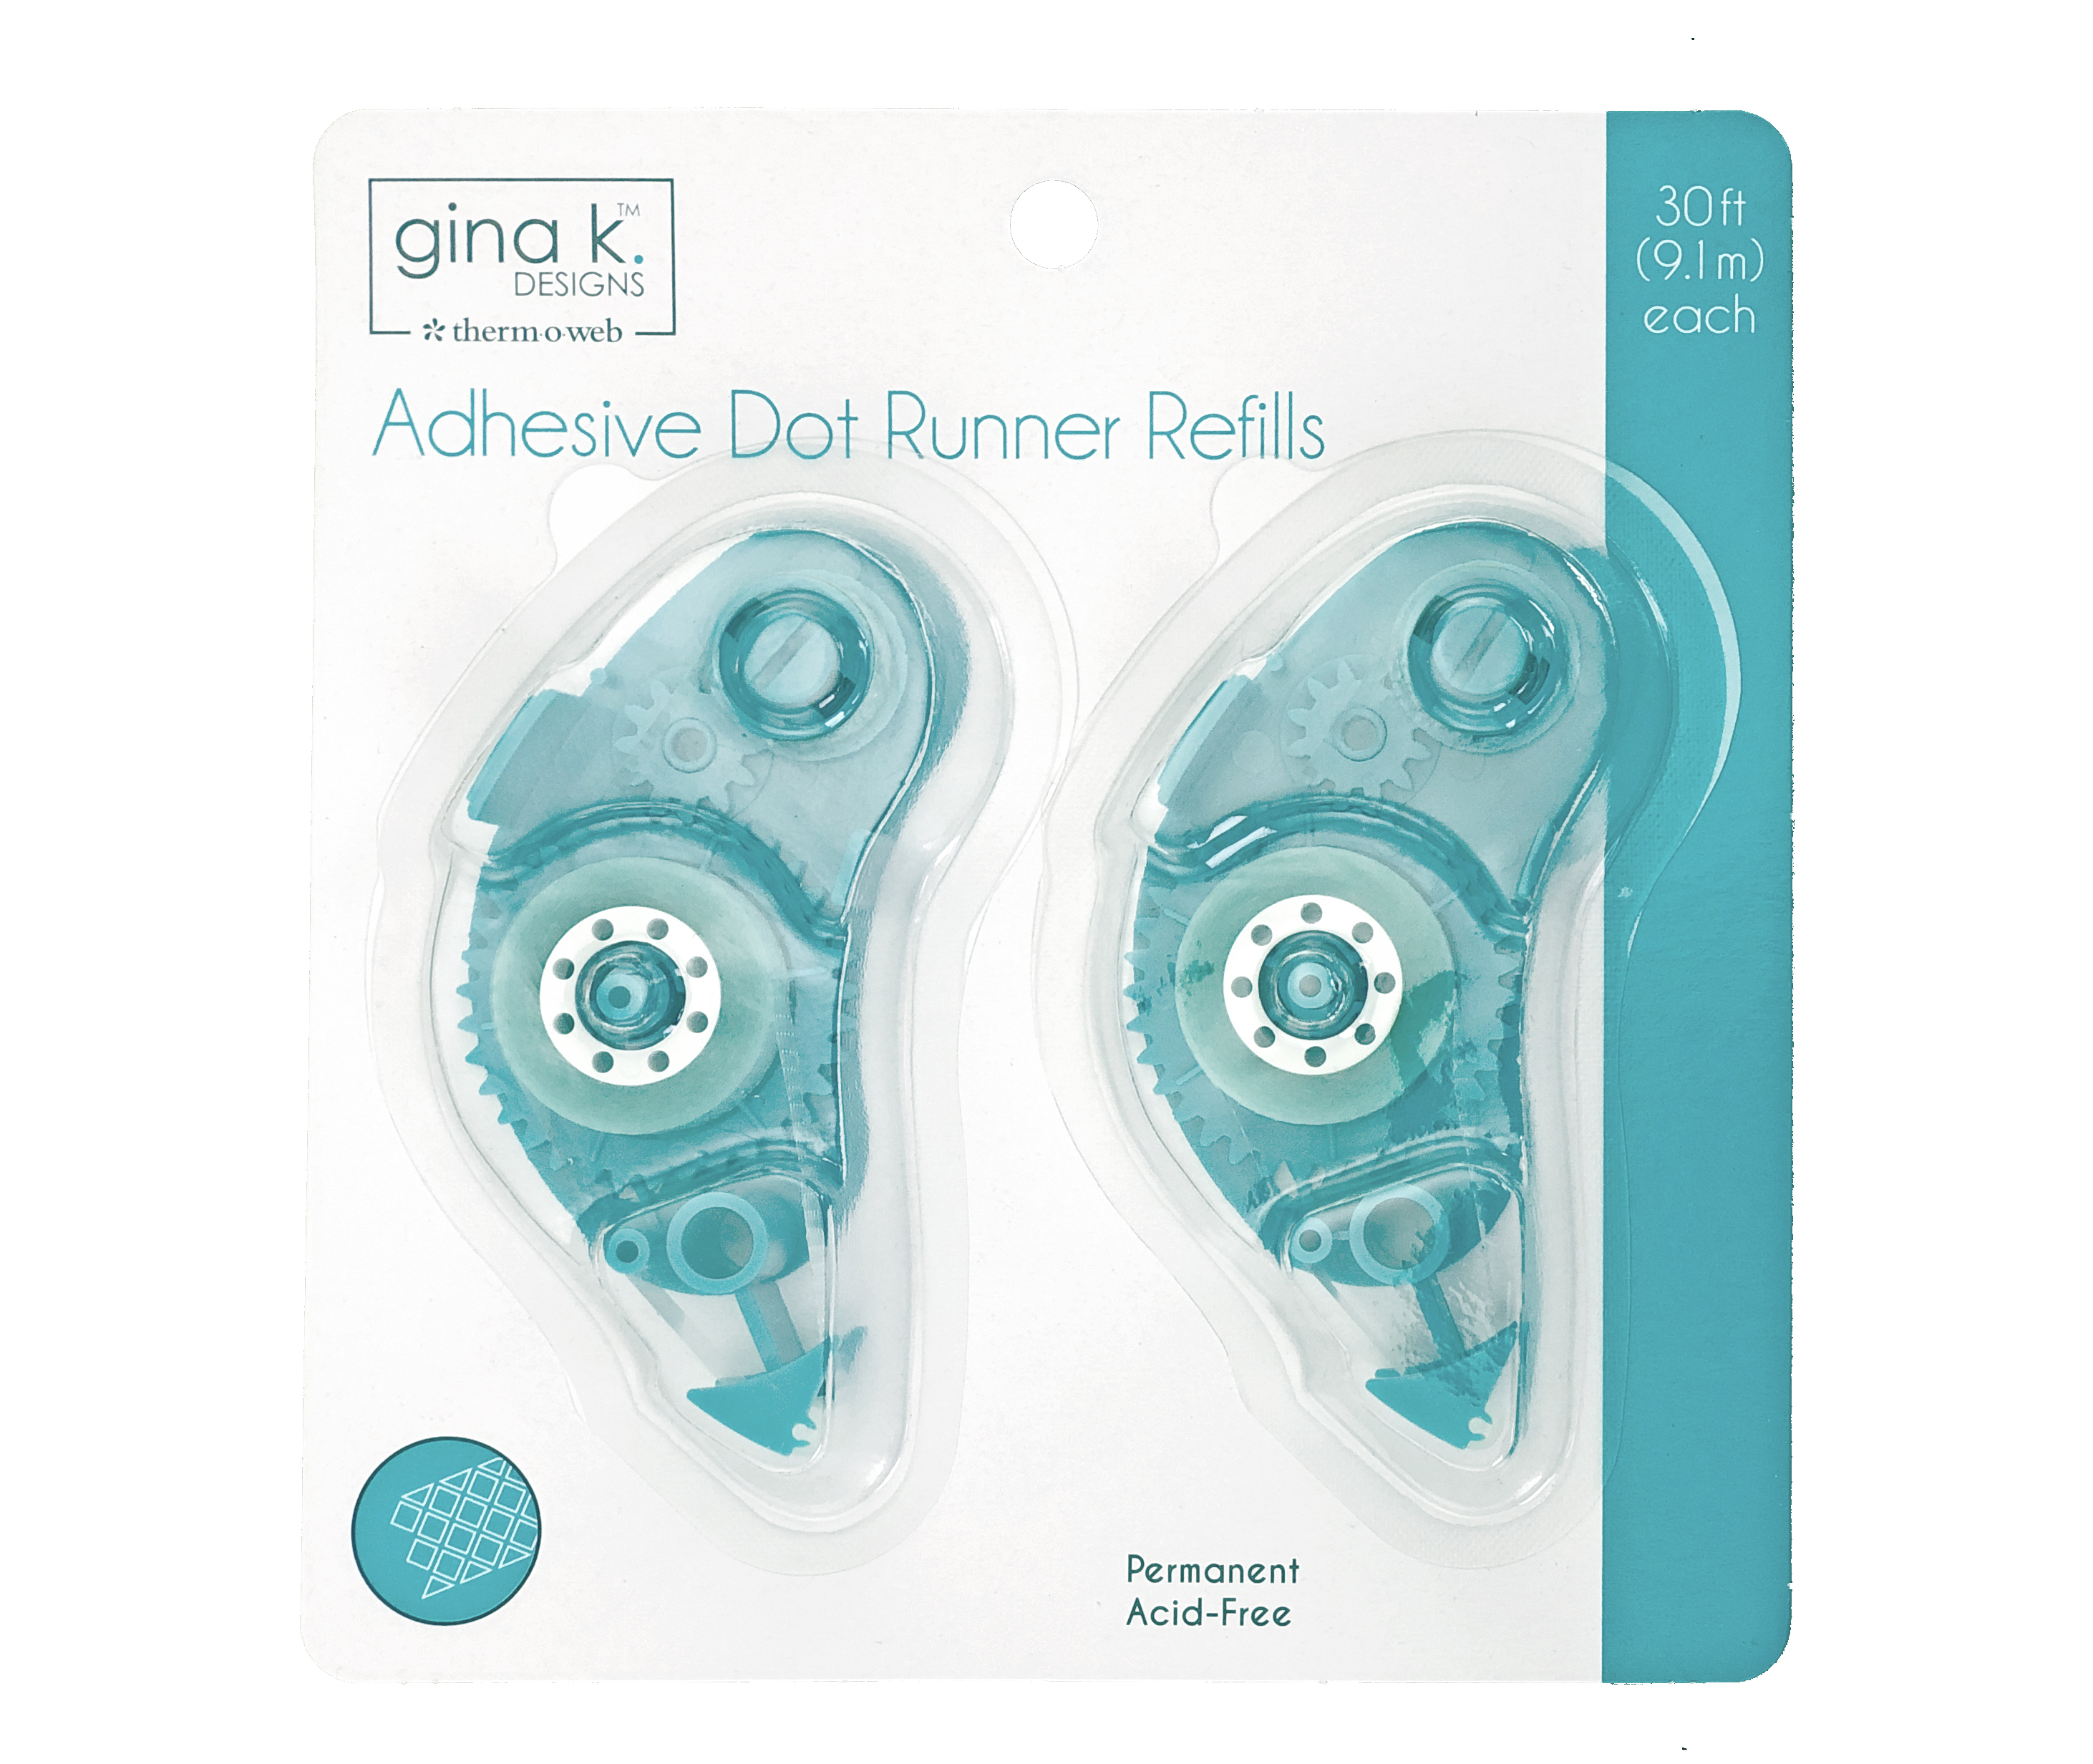 Adhesive Dot Runner, Refill (2 pack)